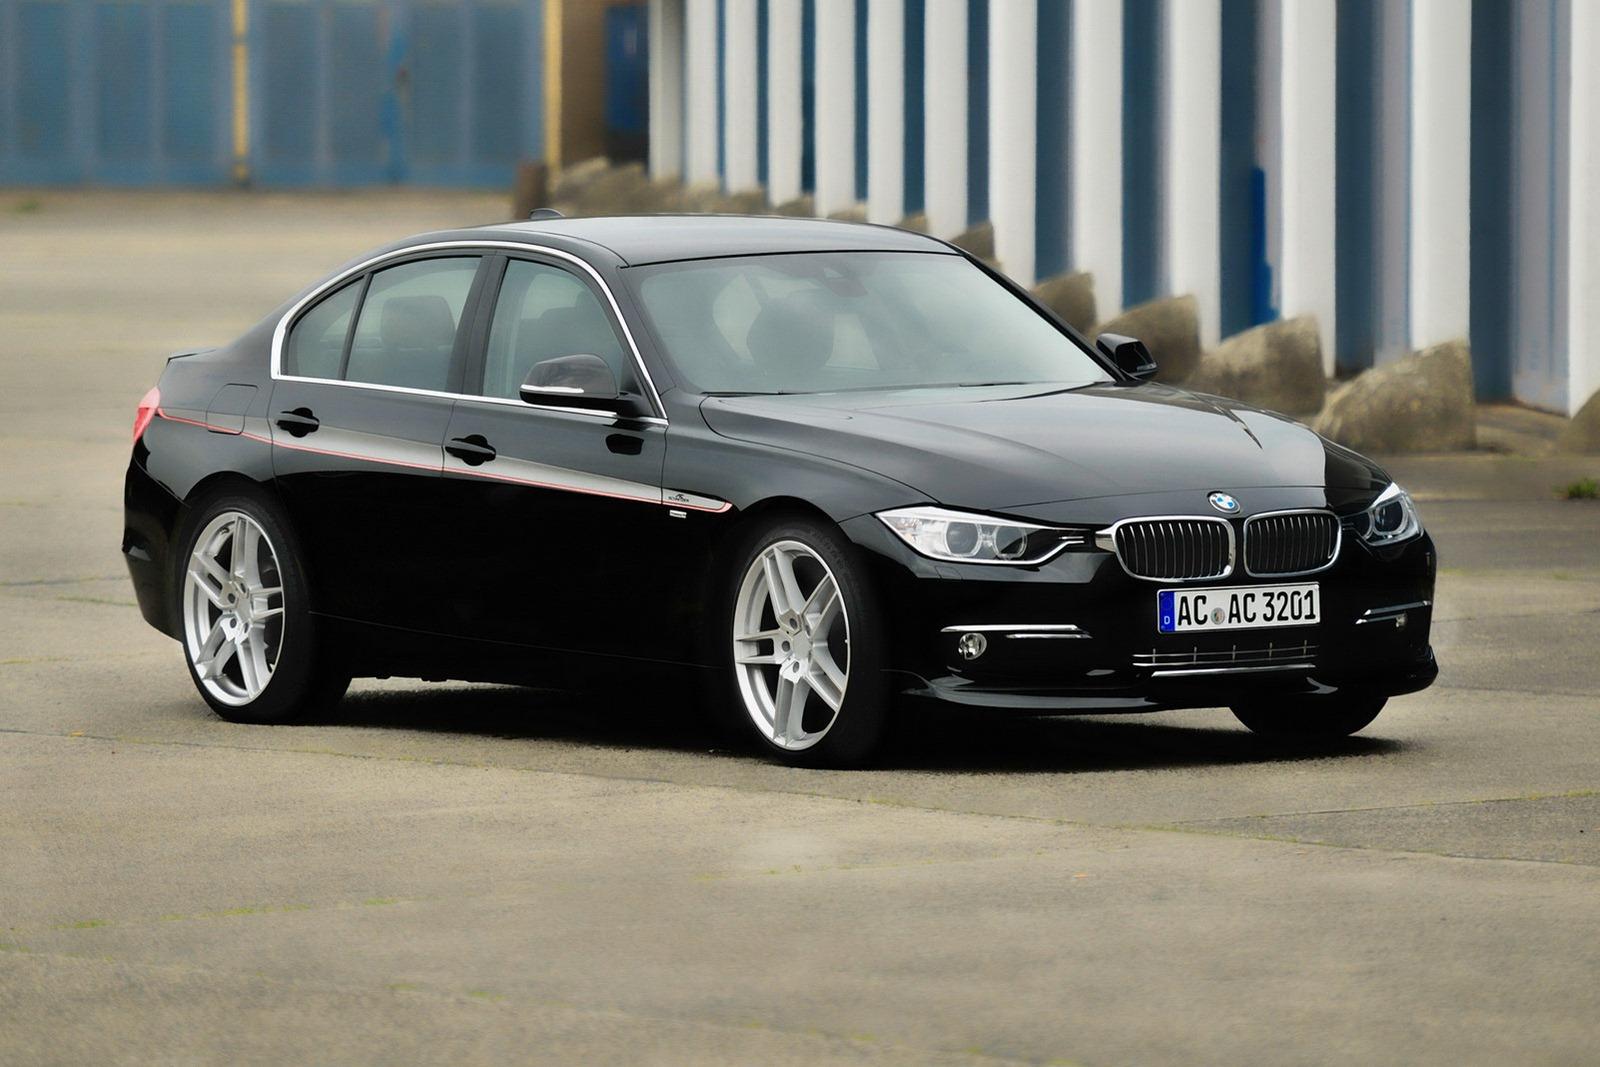 BMW 3 Series Sedan tuned by AC Schnitzer